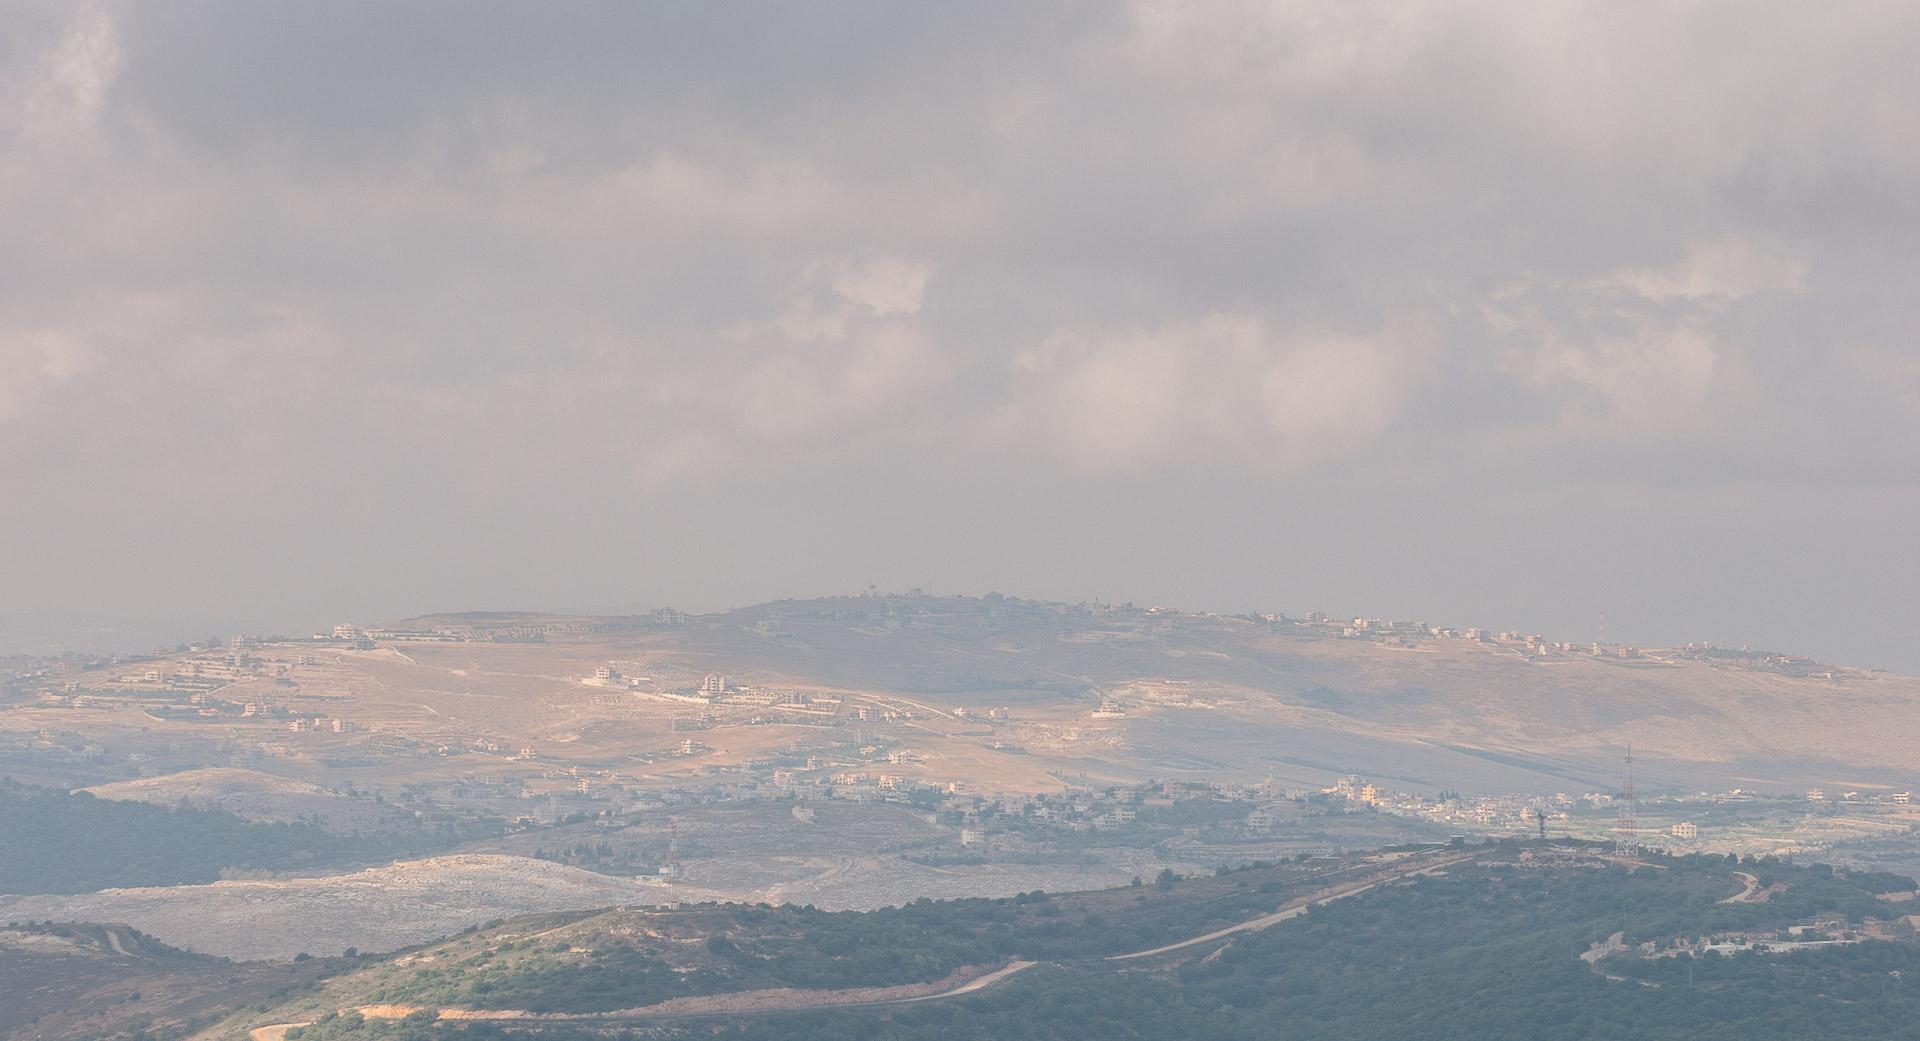 el-libano-desde-israel.jpg